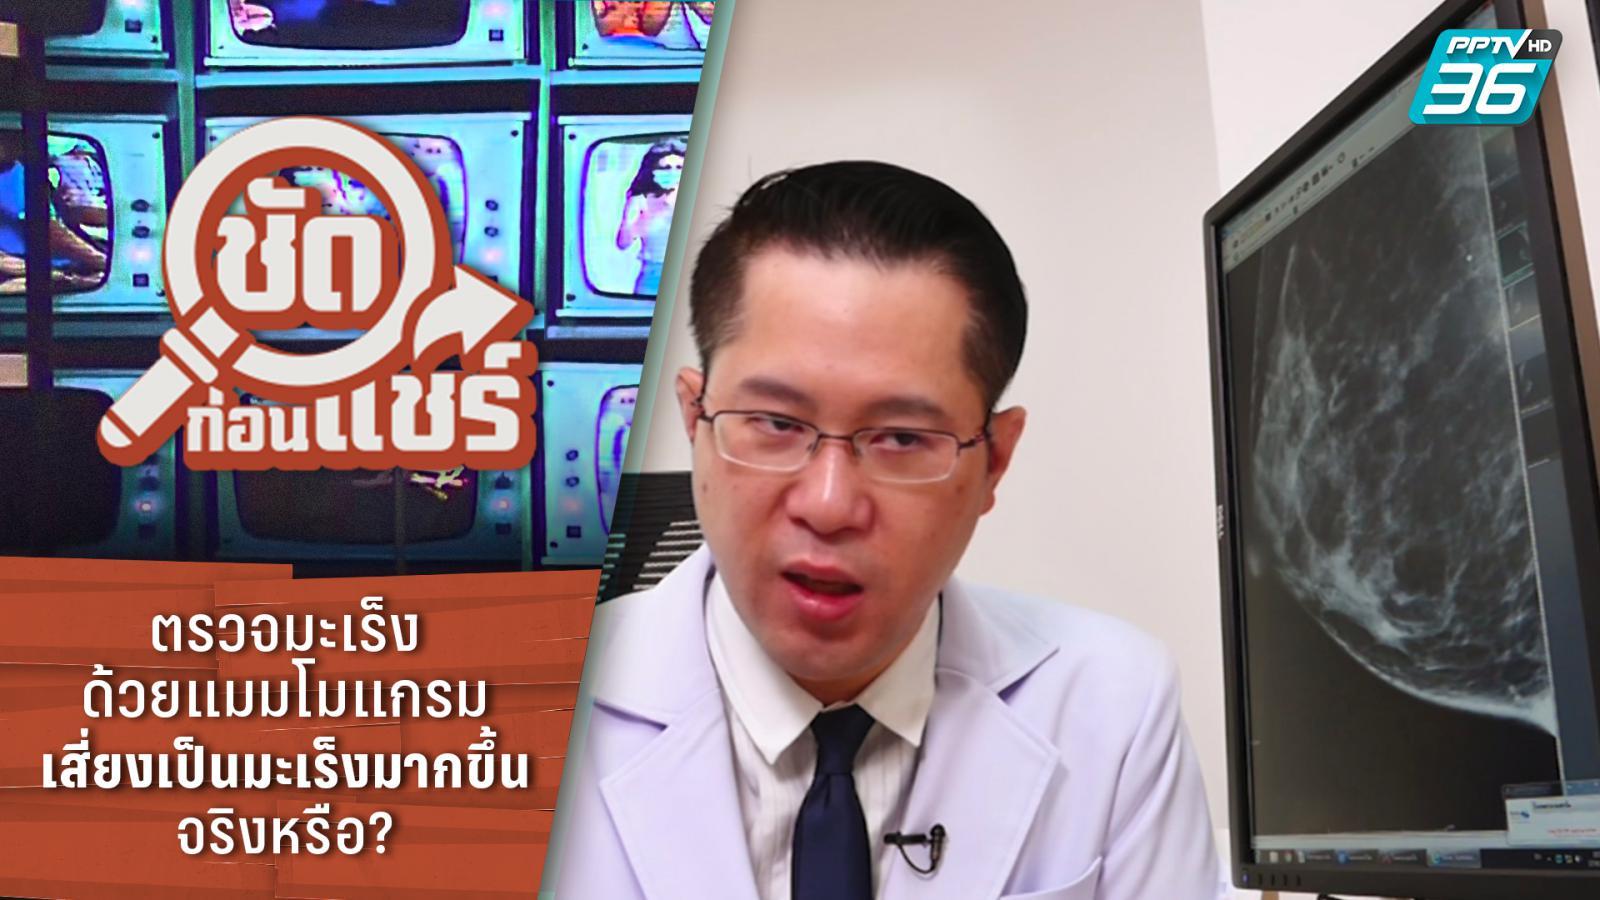 ชัดก่อนแชร์ | ตรวจมะเร็งเต้านมด้วยแมมโมแกรม (Mammogram) เสี่ยงเป็นมะเร็งมากขึ้น จริงหรือ? | PPTV HD 36